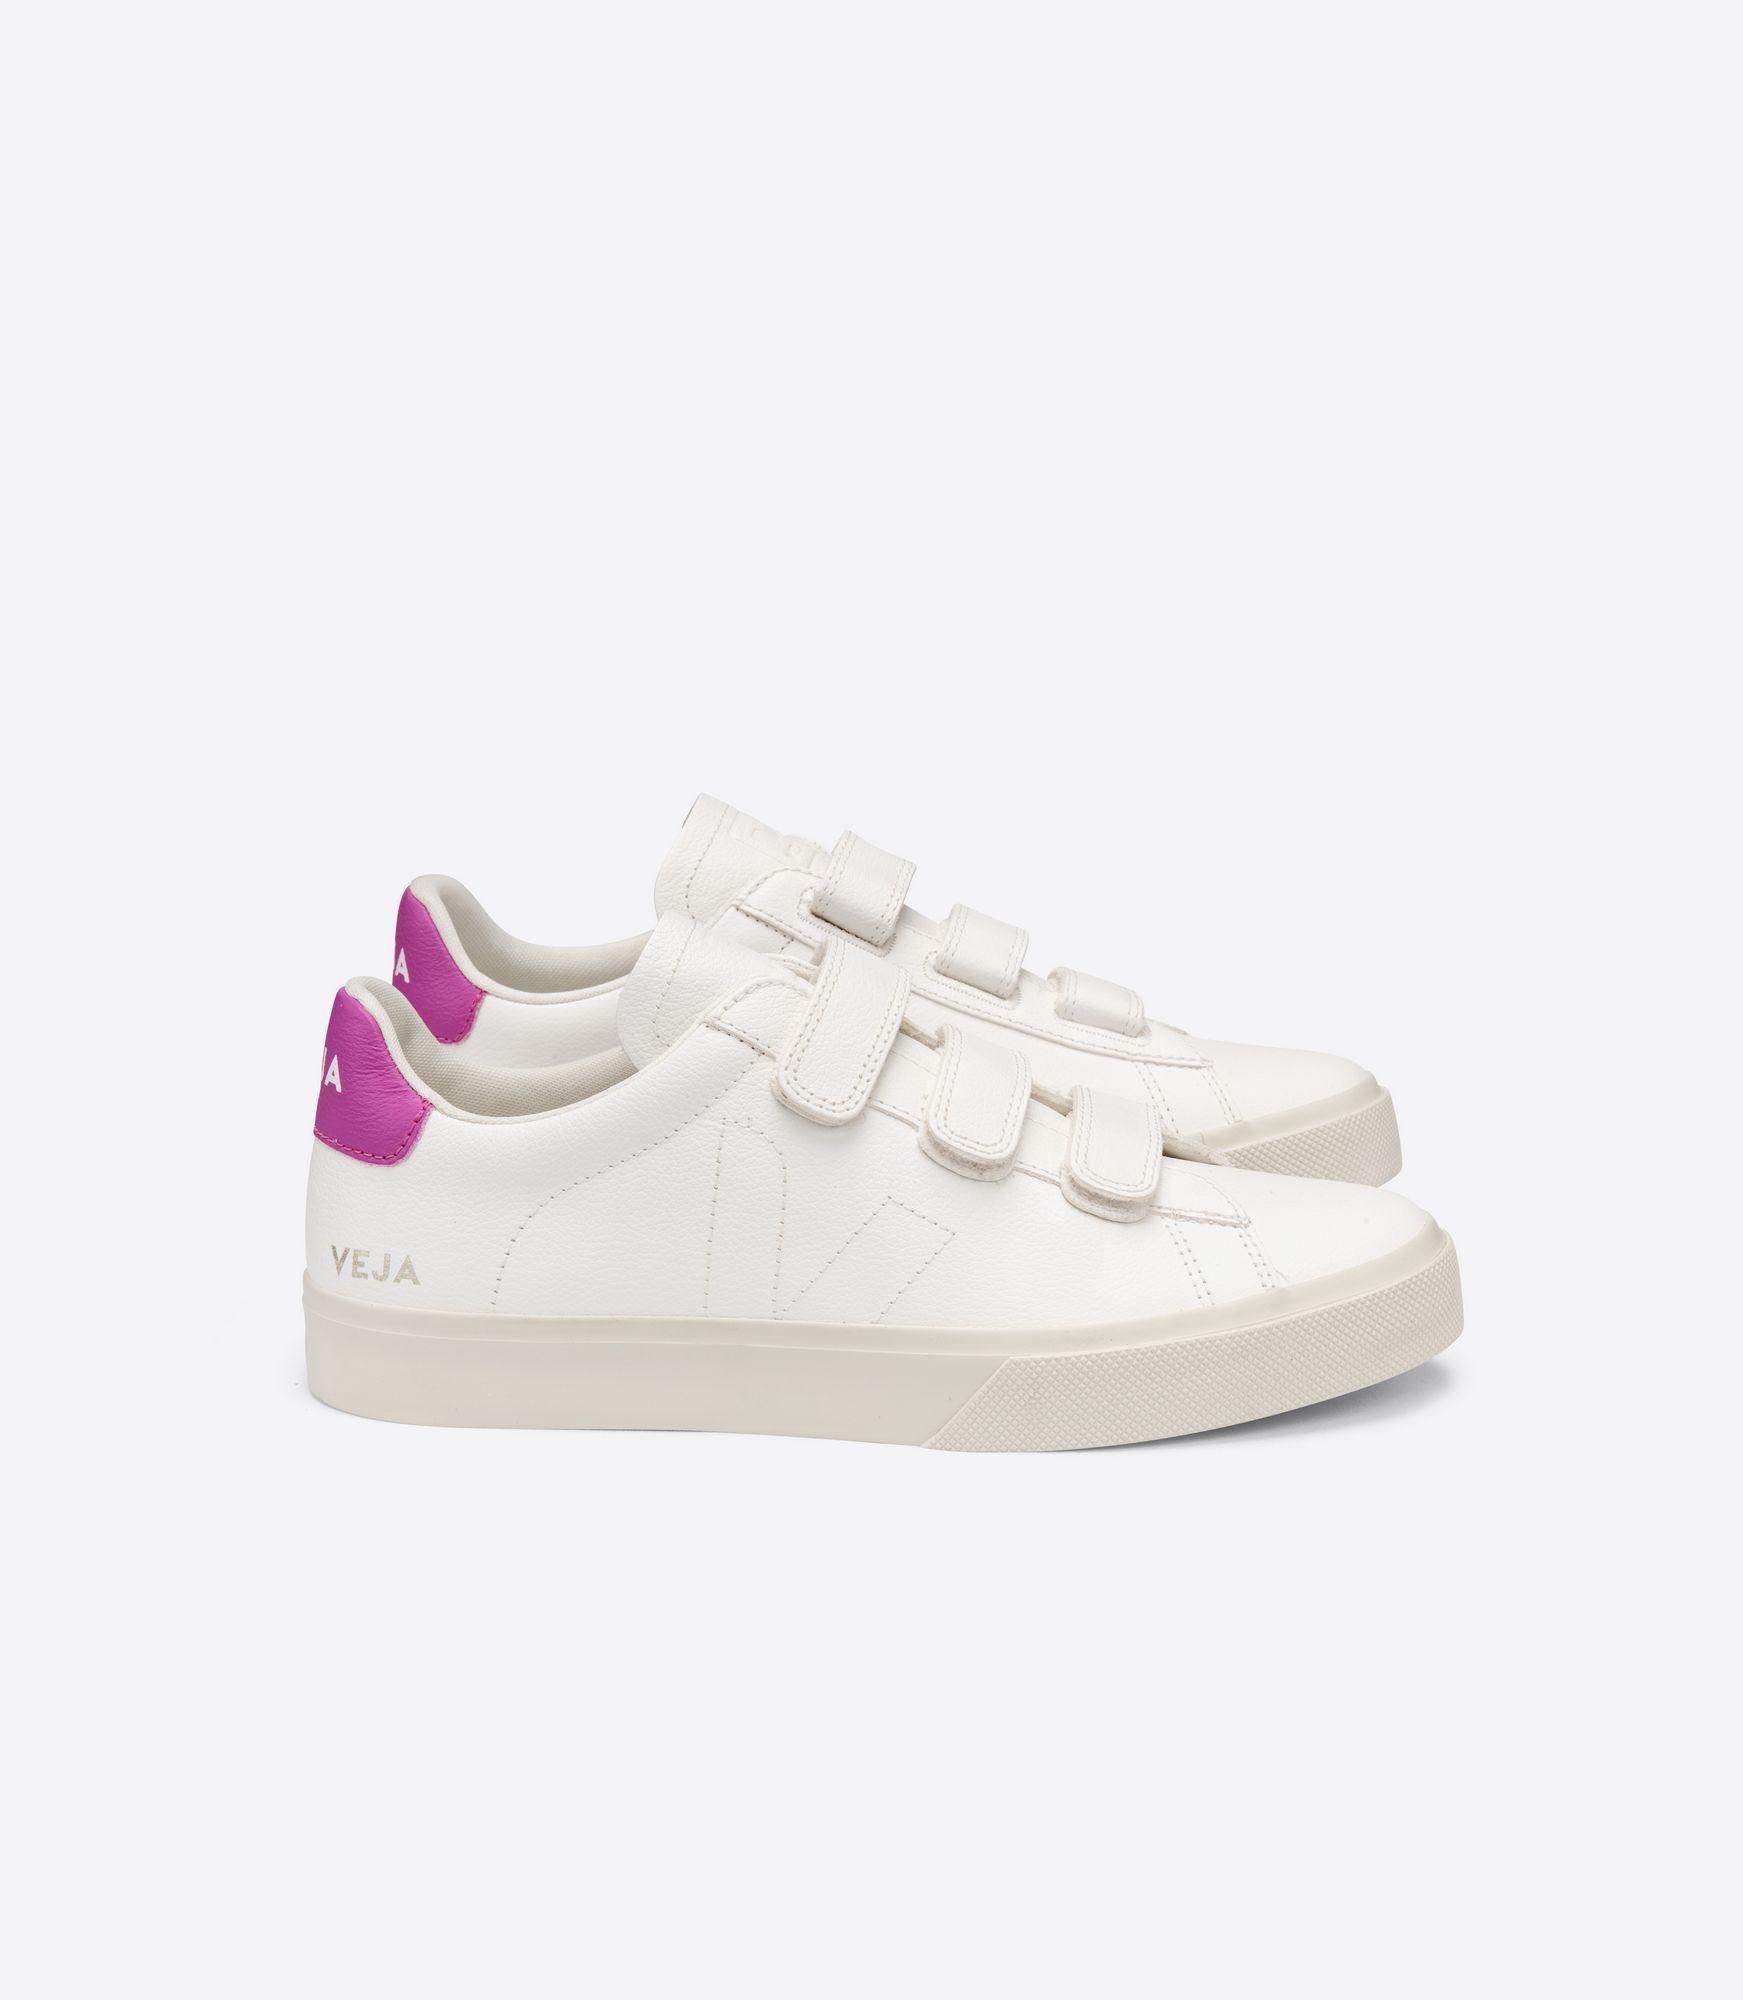 VEJA - Recife - white/ultraviolet pink velcro sneaker